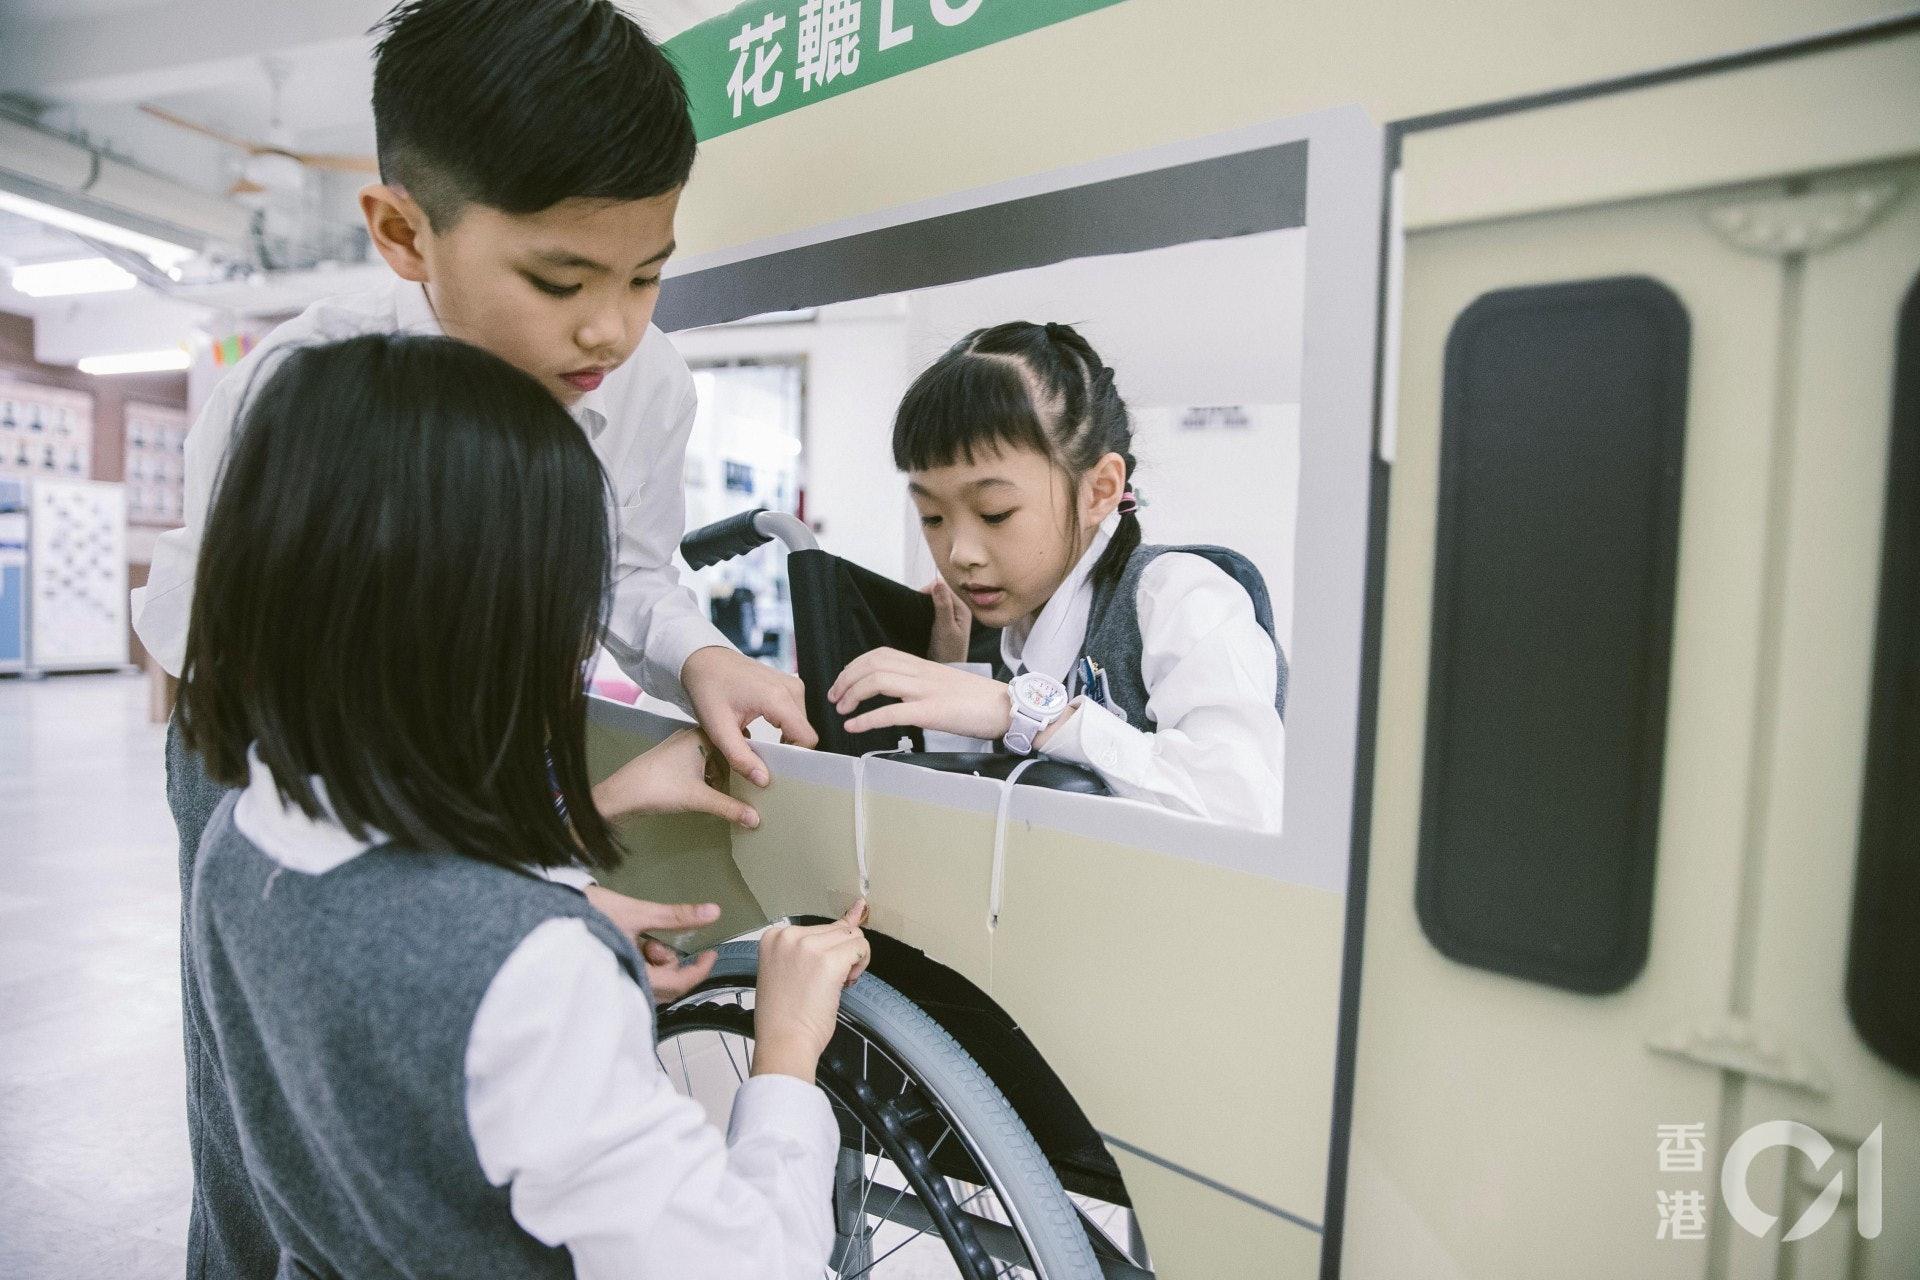 德萃小學的學生幫忙改造輪椅,將之變成一輛「十六座小巴」花車。(鄭子峰攝)